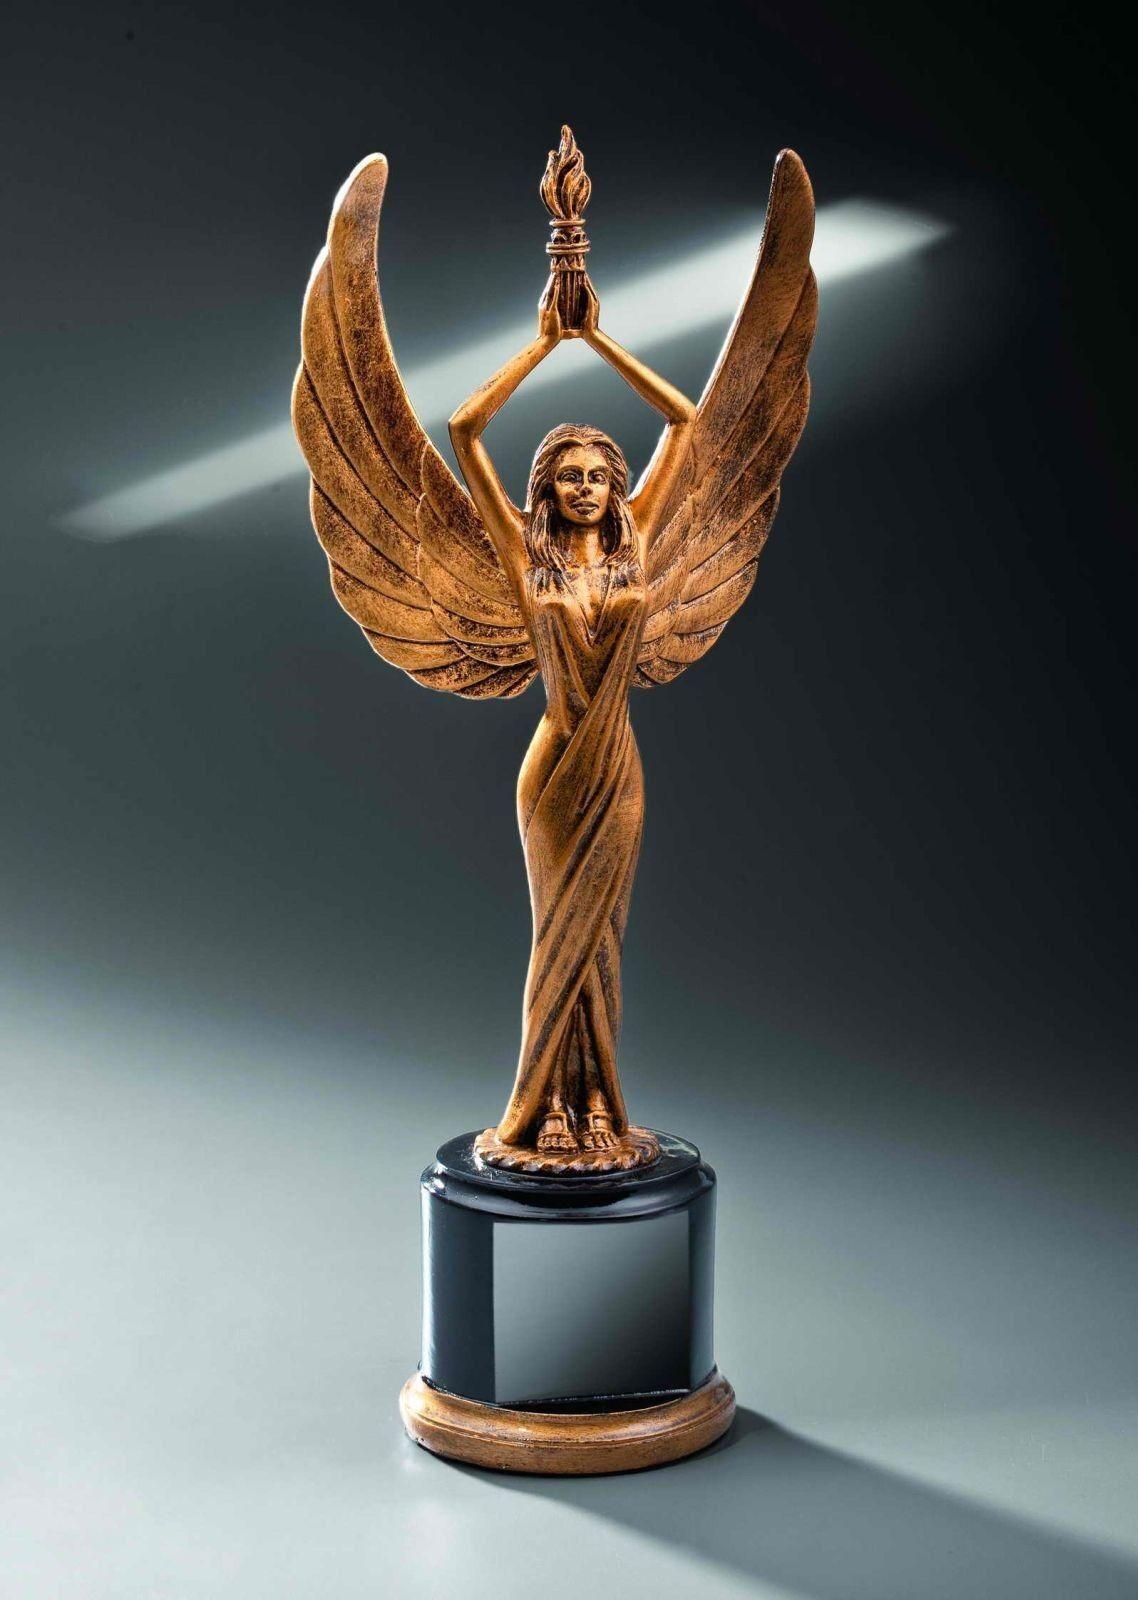 3 Siegesgöttin Figuren Resin Pokal 35cm (Pokale Wanderpokal Jubiläum Sieger ABI)